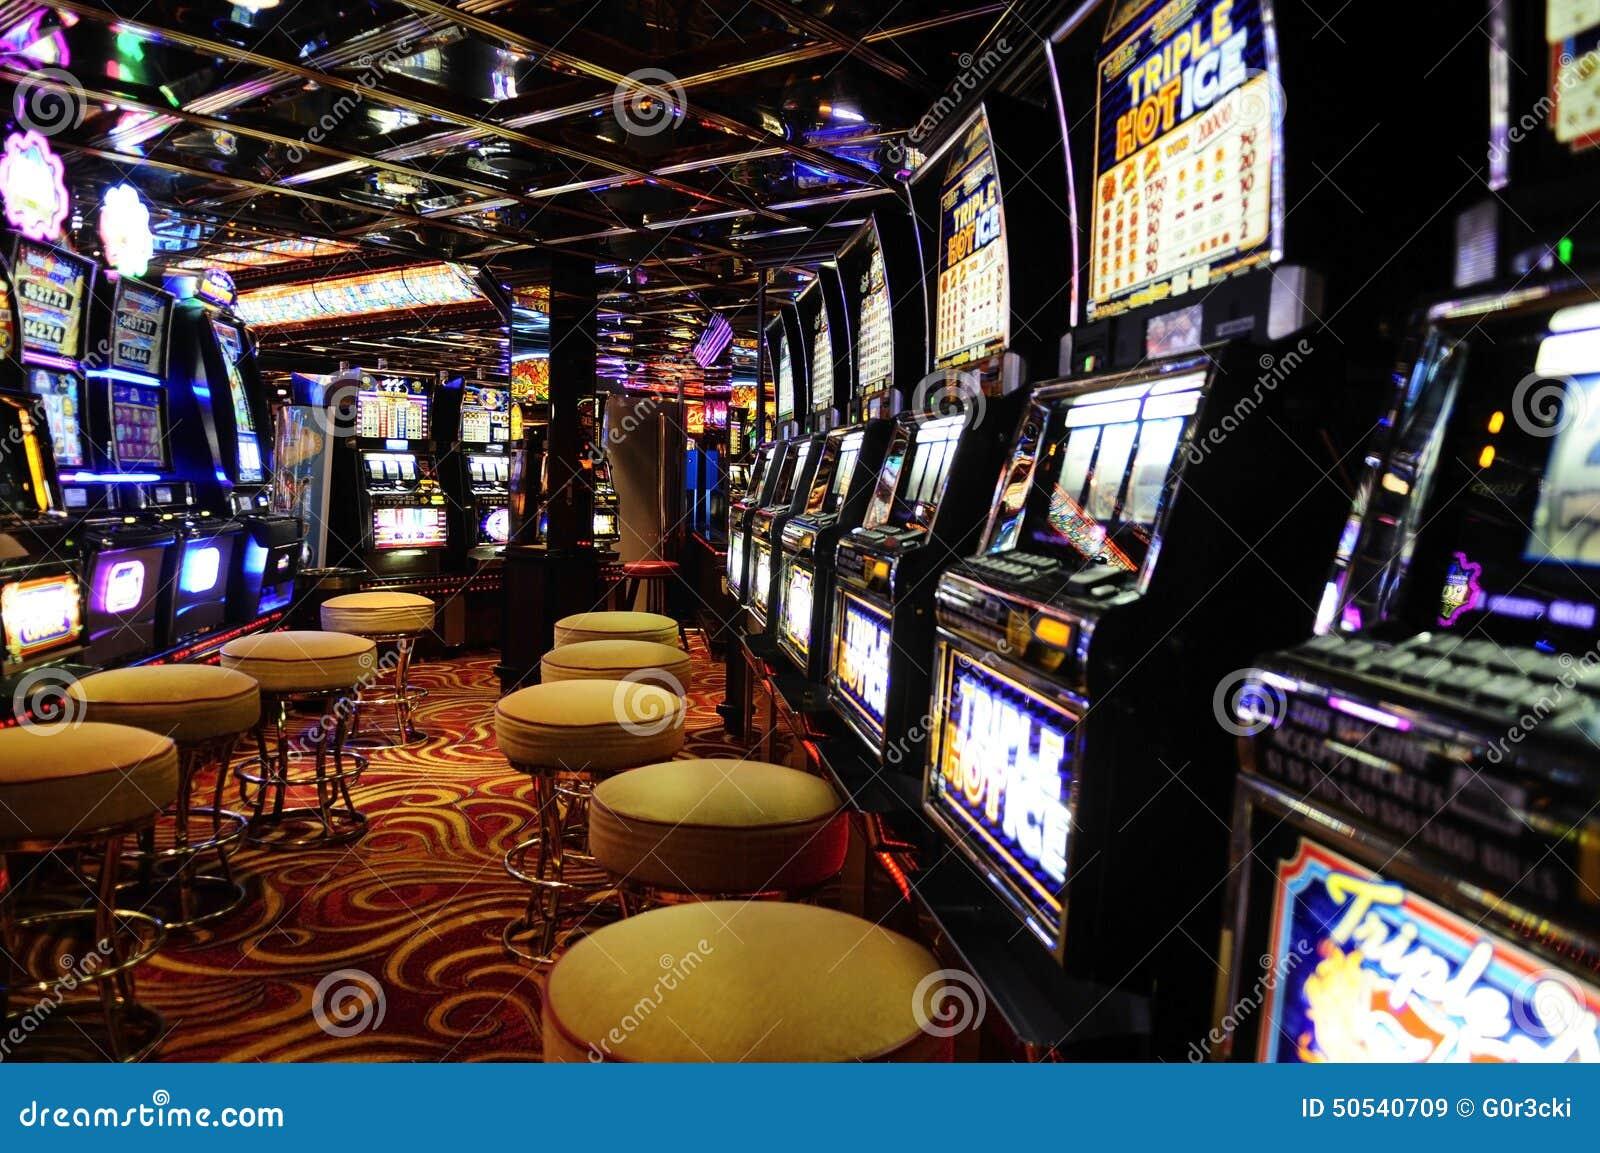 Juegos gratis slot hotel Bellaggio Las Vegas-318787